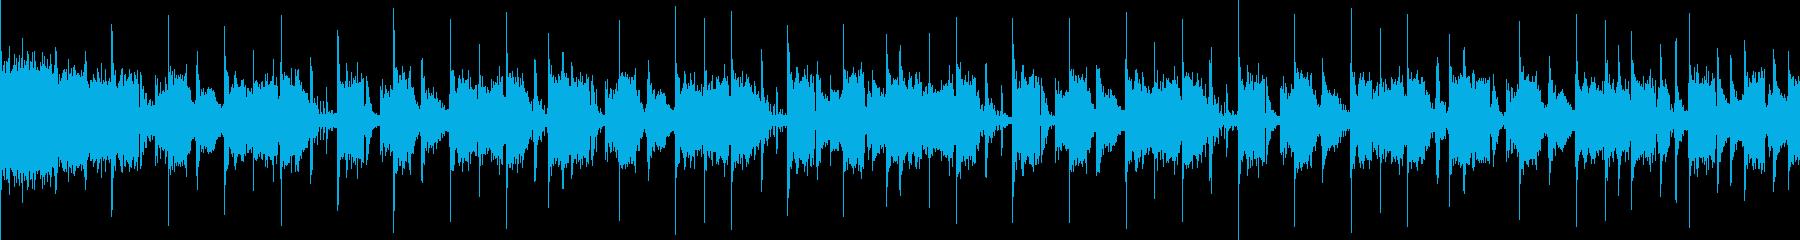 ハジケルスプラッシュハウス【ループ可能】の再生済みの波形